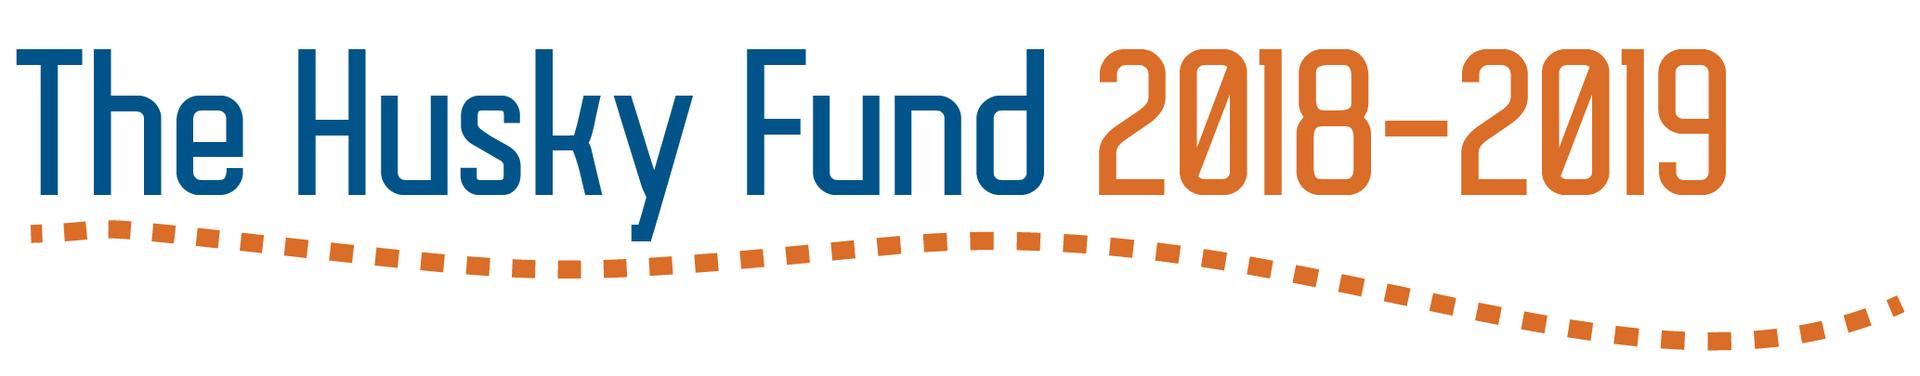 Husky Fund 2018-2019